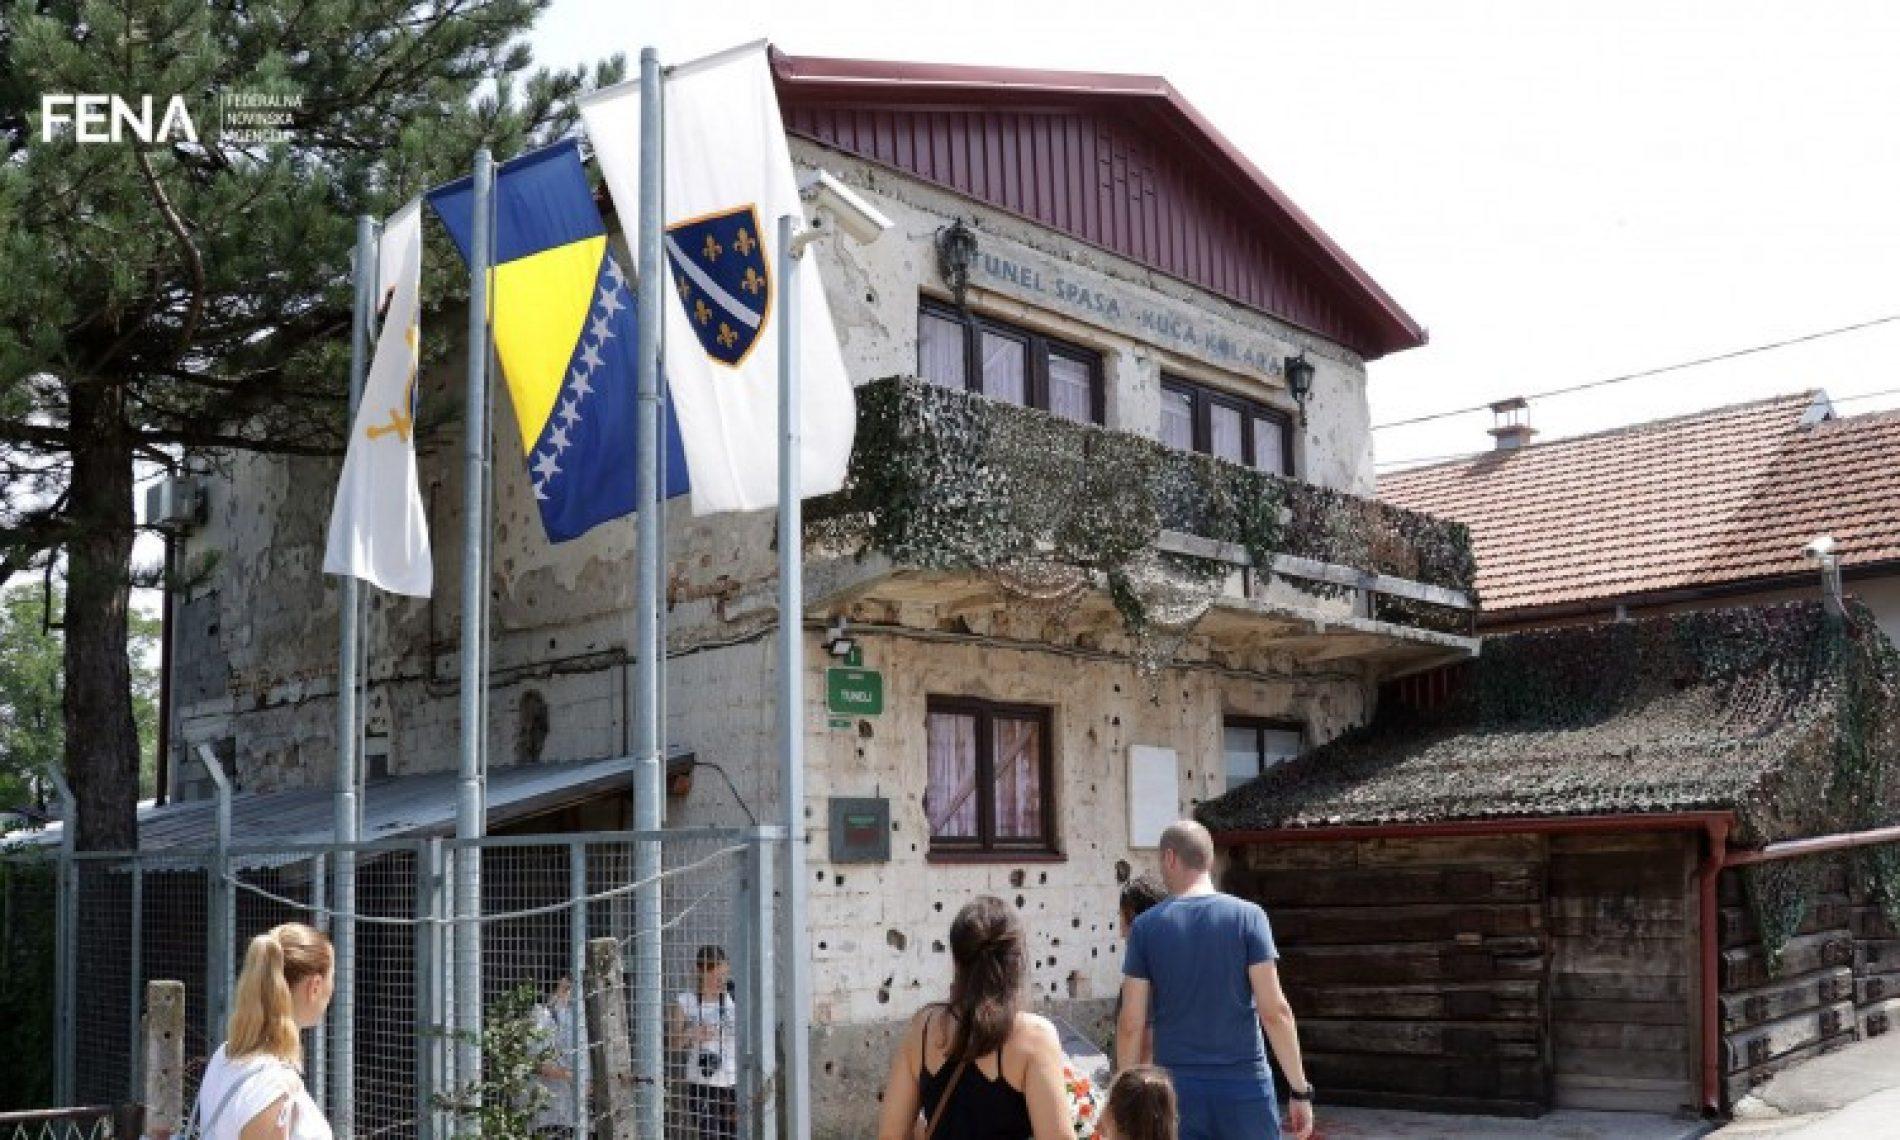 Obilježena 25. godišnjica puštanja u funkciju Sarajevskog tunela spasa (VIDEO)